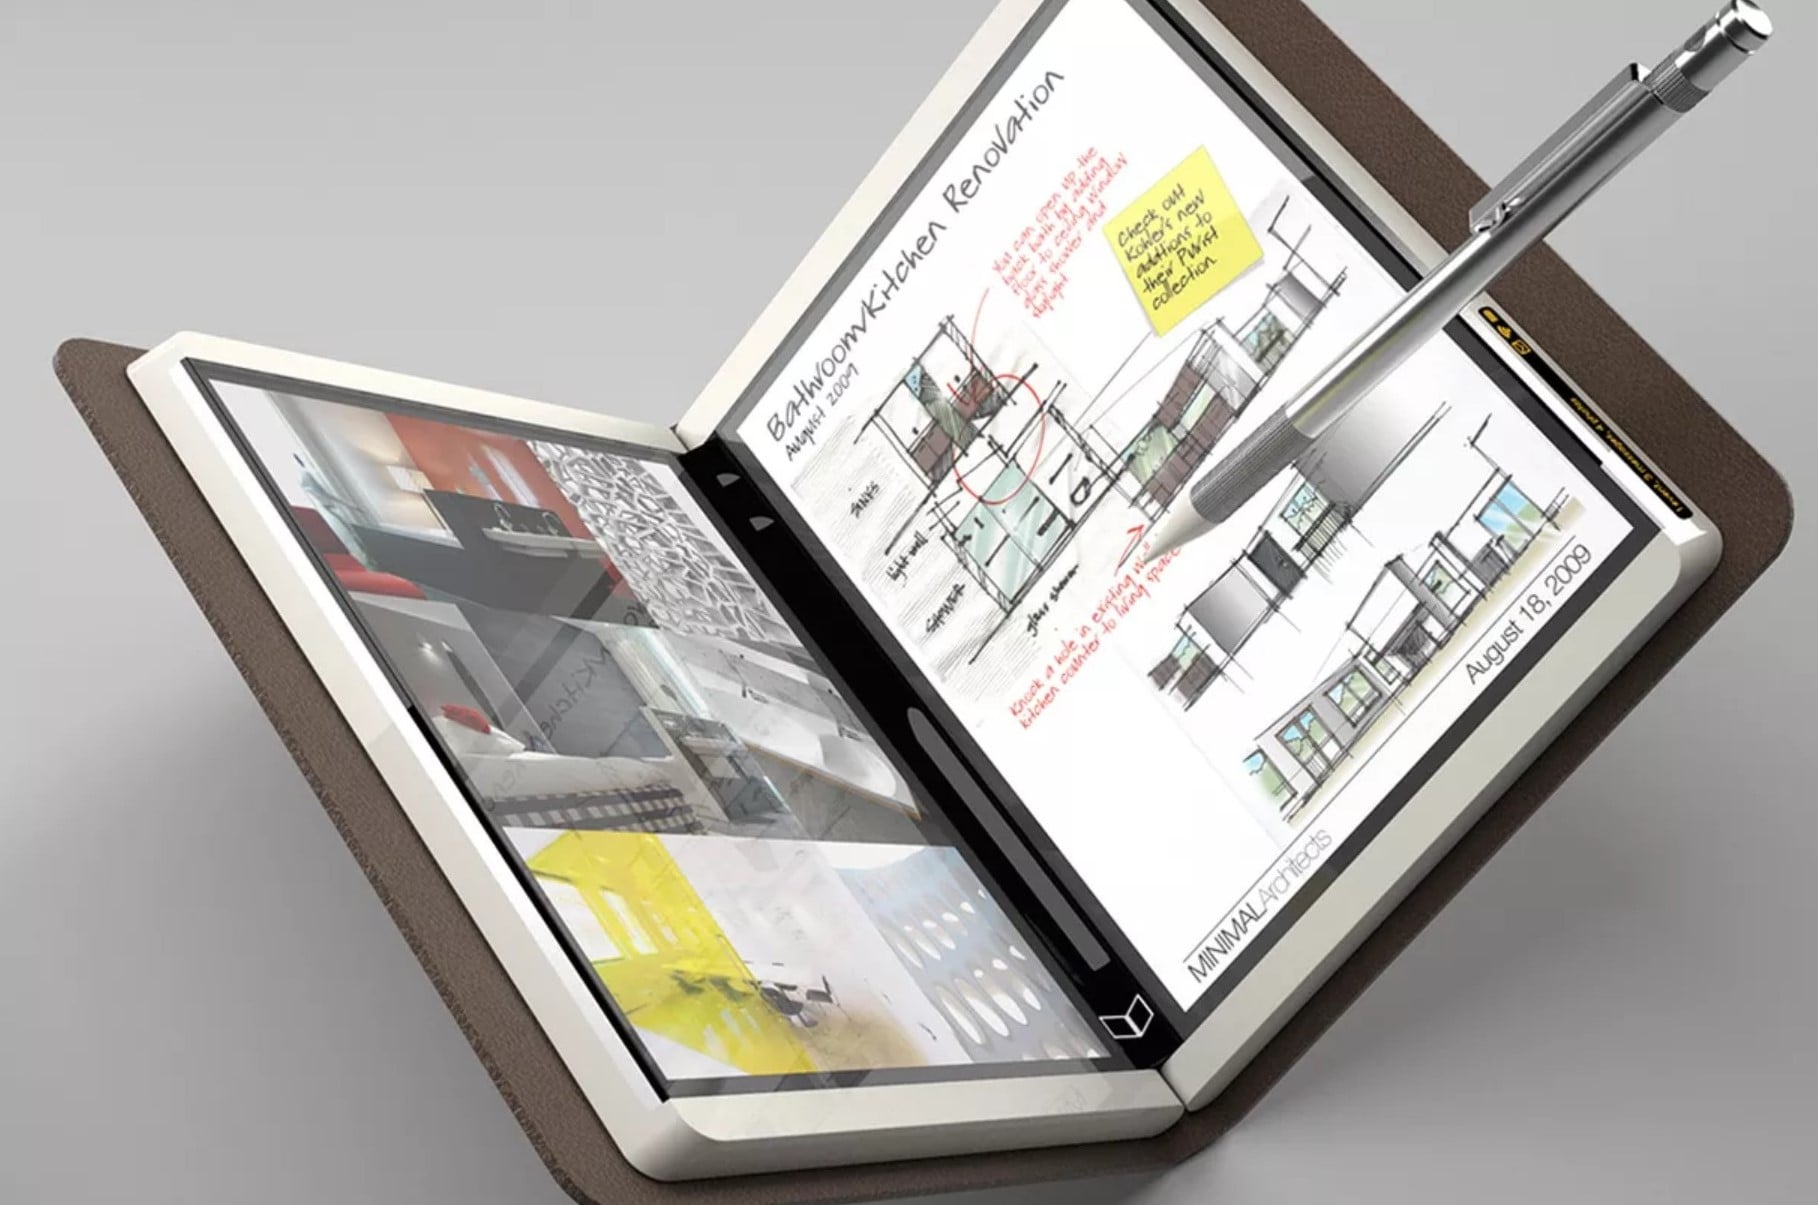 Składane urządzenie Surface z dwoma ekranami na tajnym pokazie w Microsofcie 25